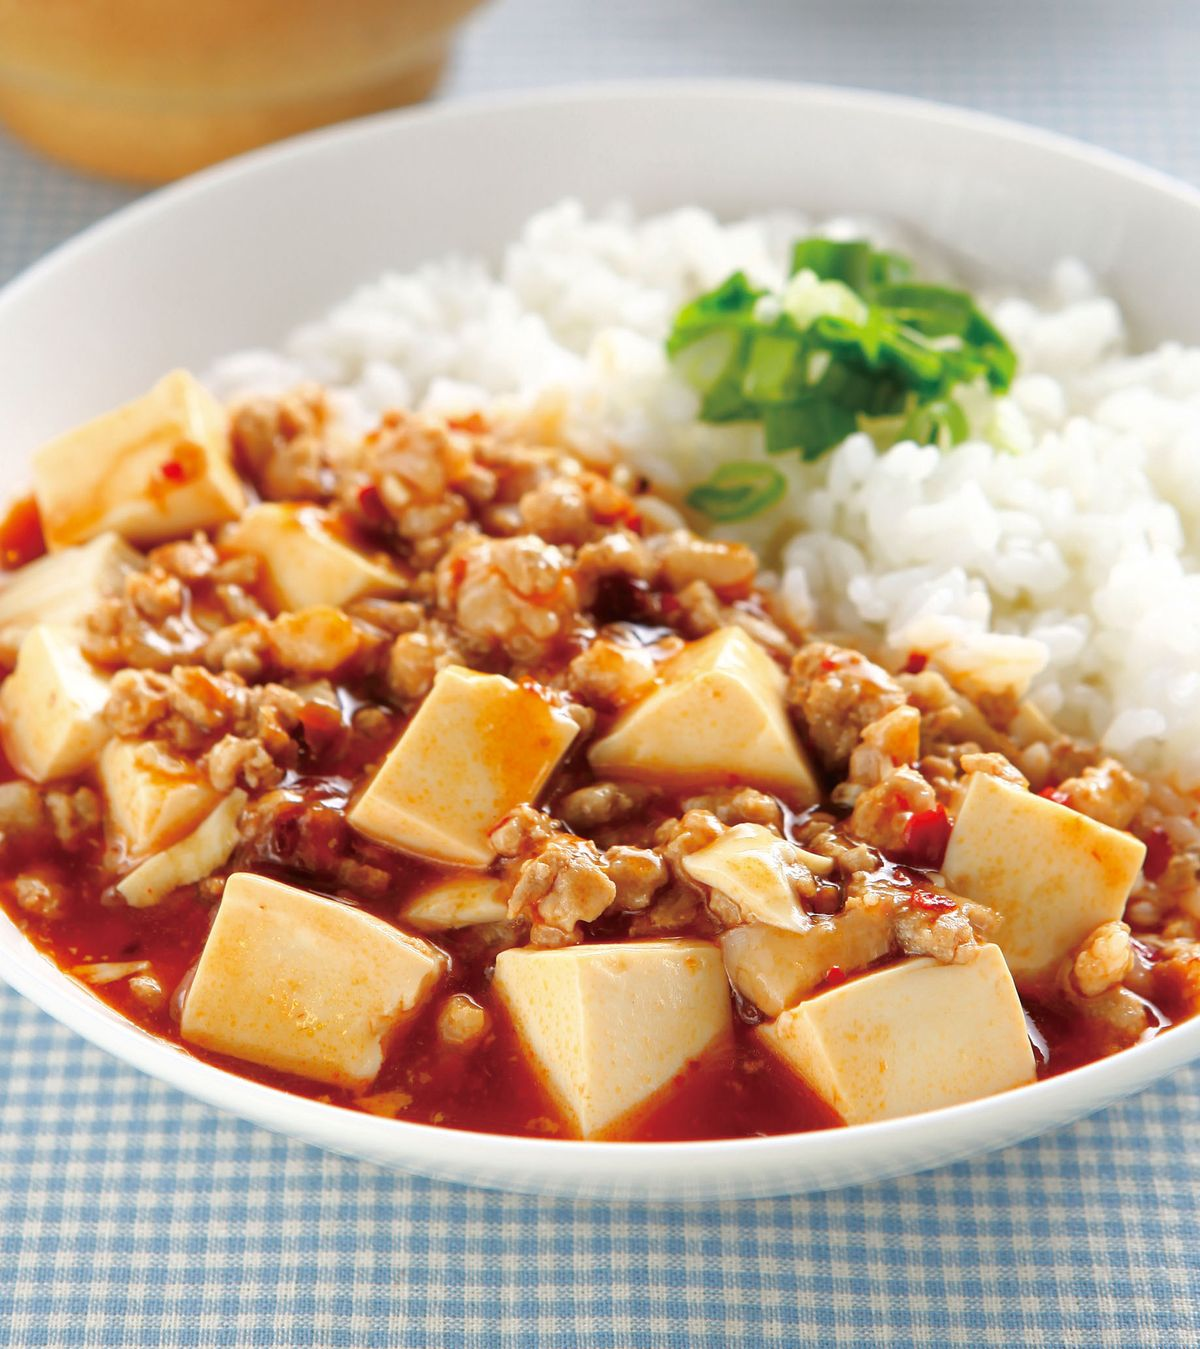 食譜:麻婆豆腐拌飯